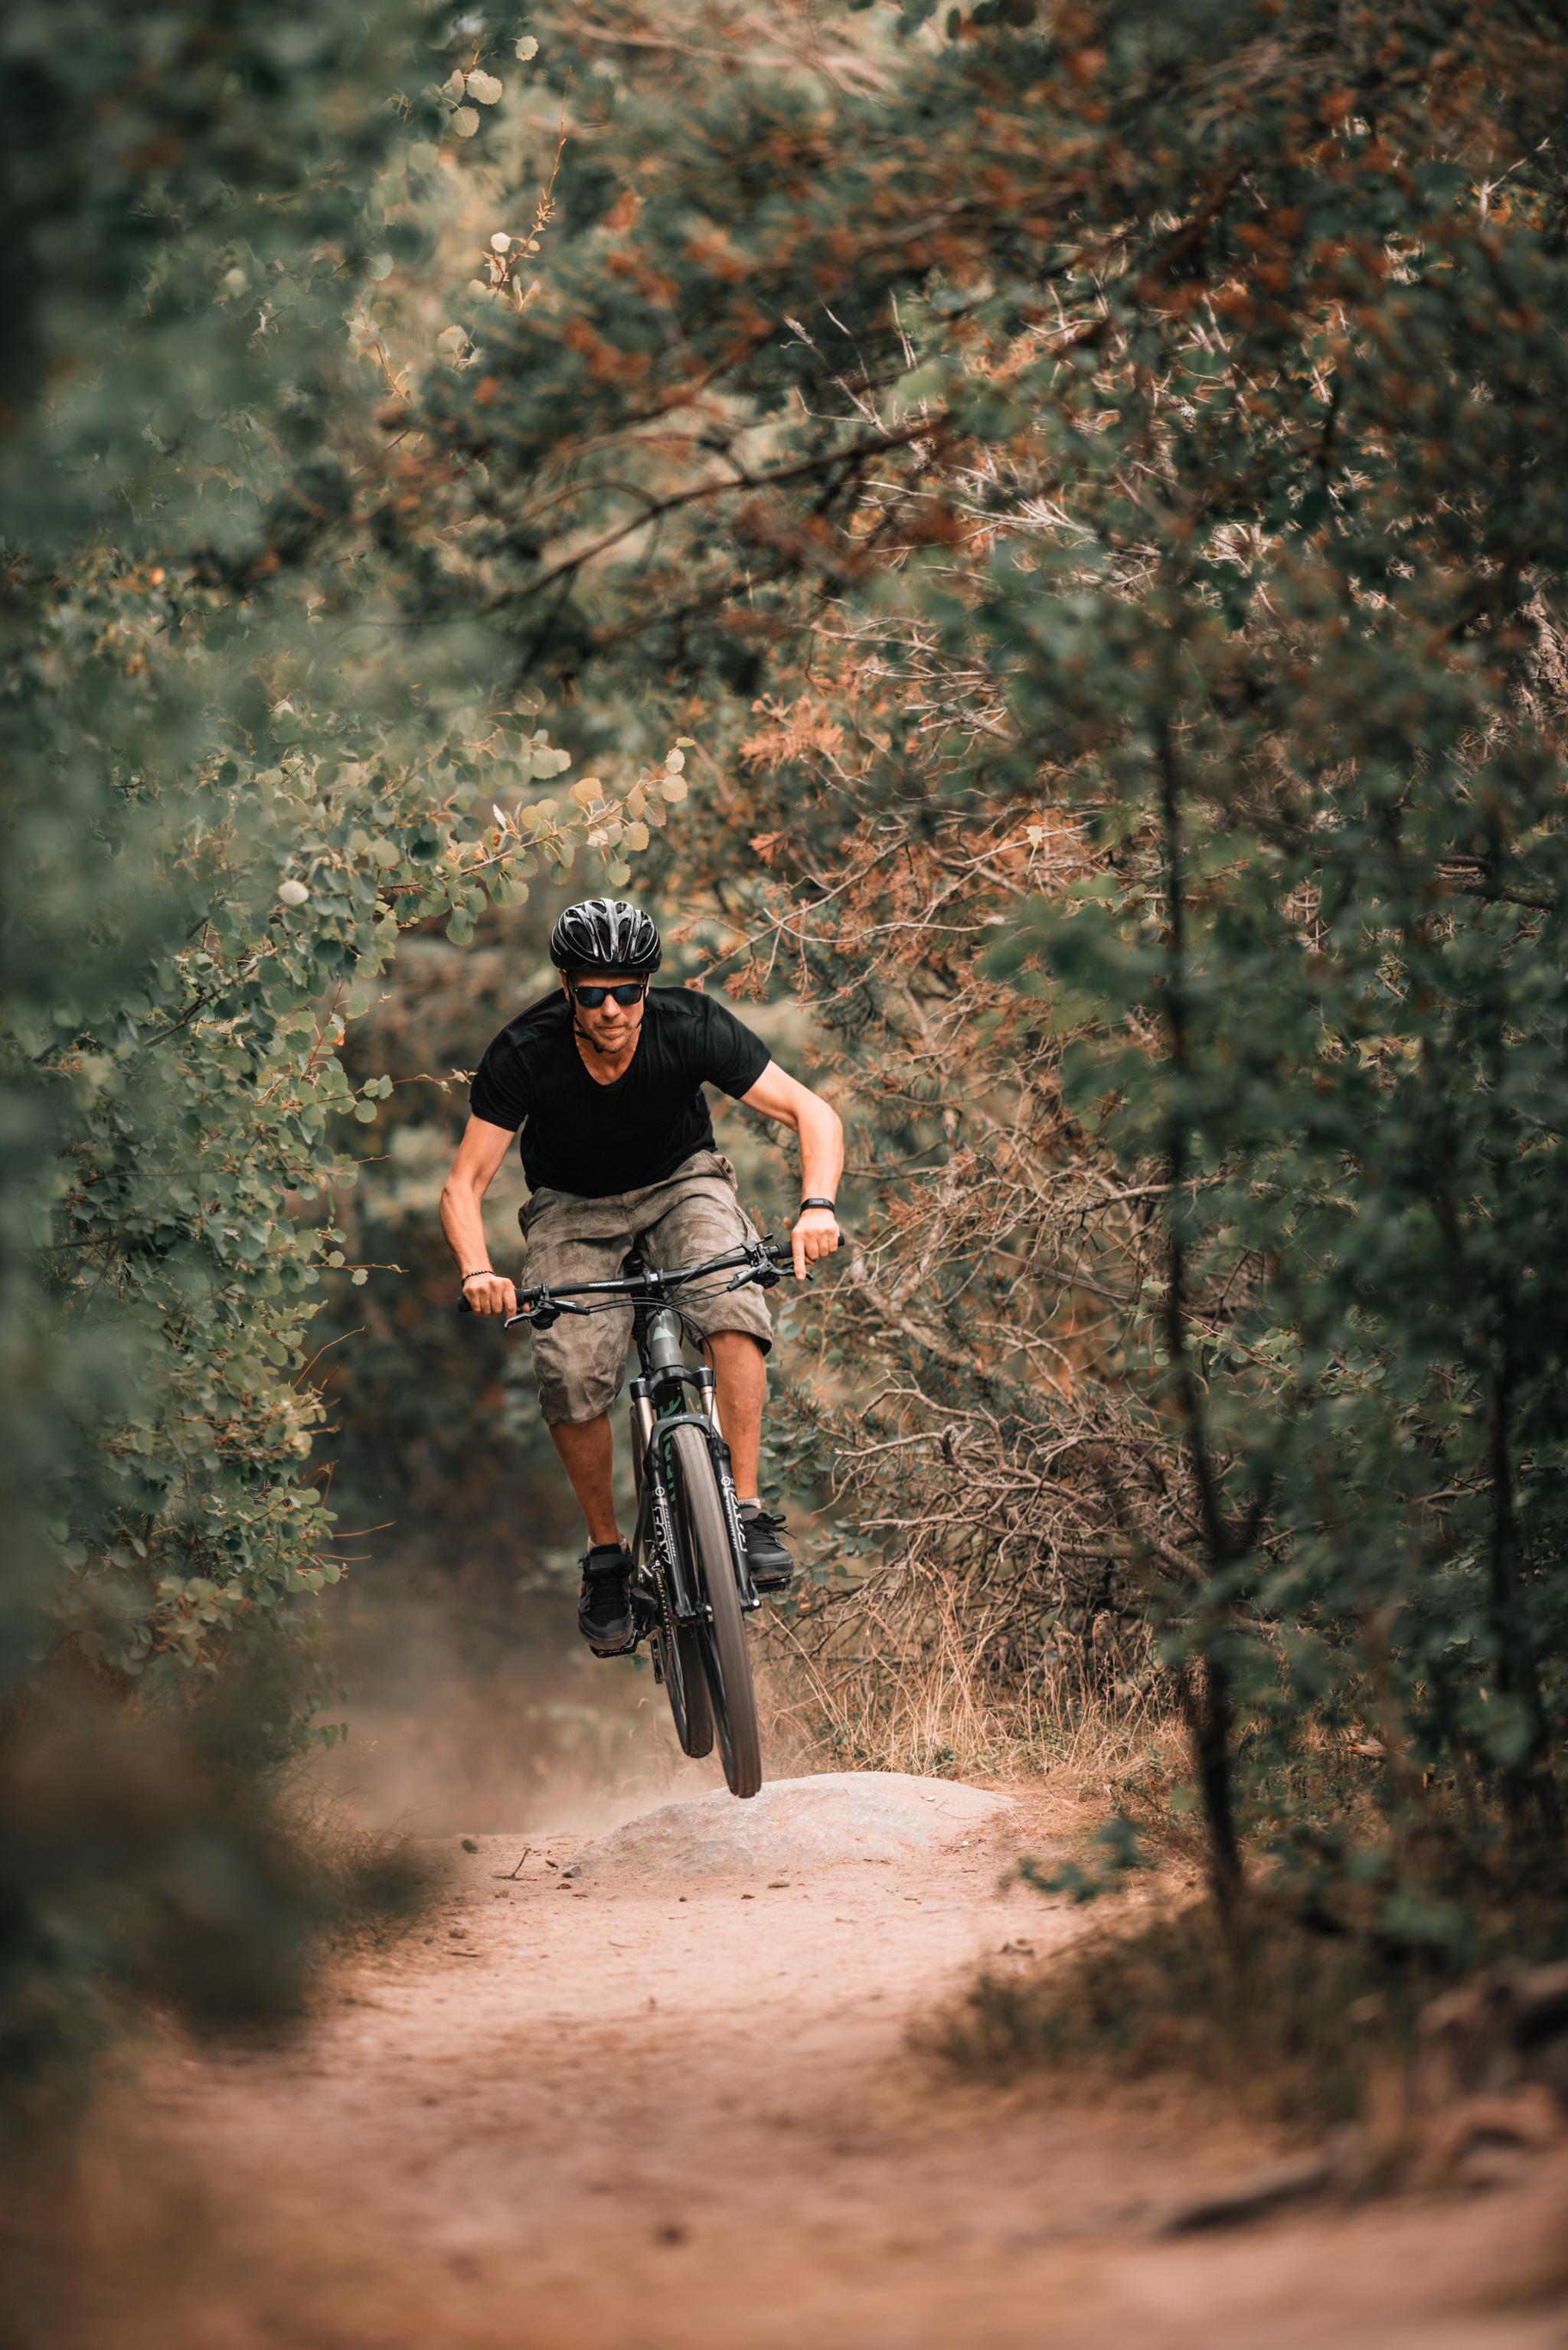 Bike Photos · Pexels · Free Stock Photos